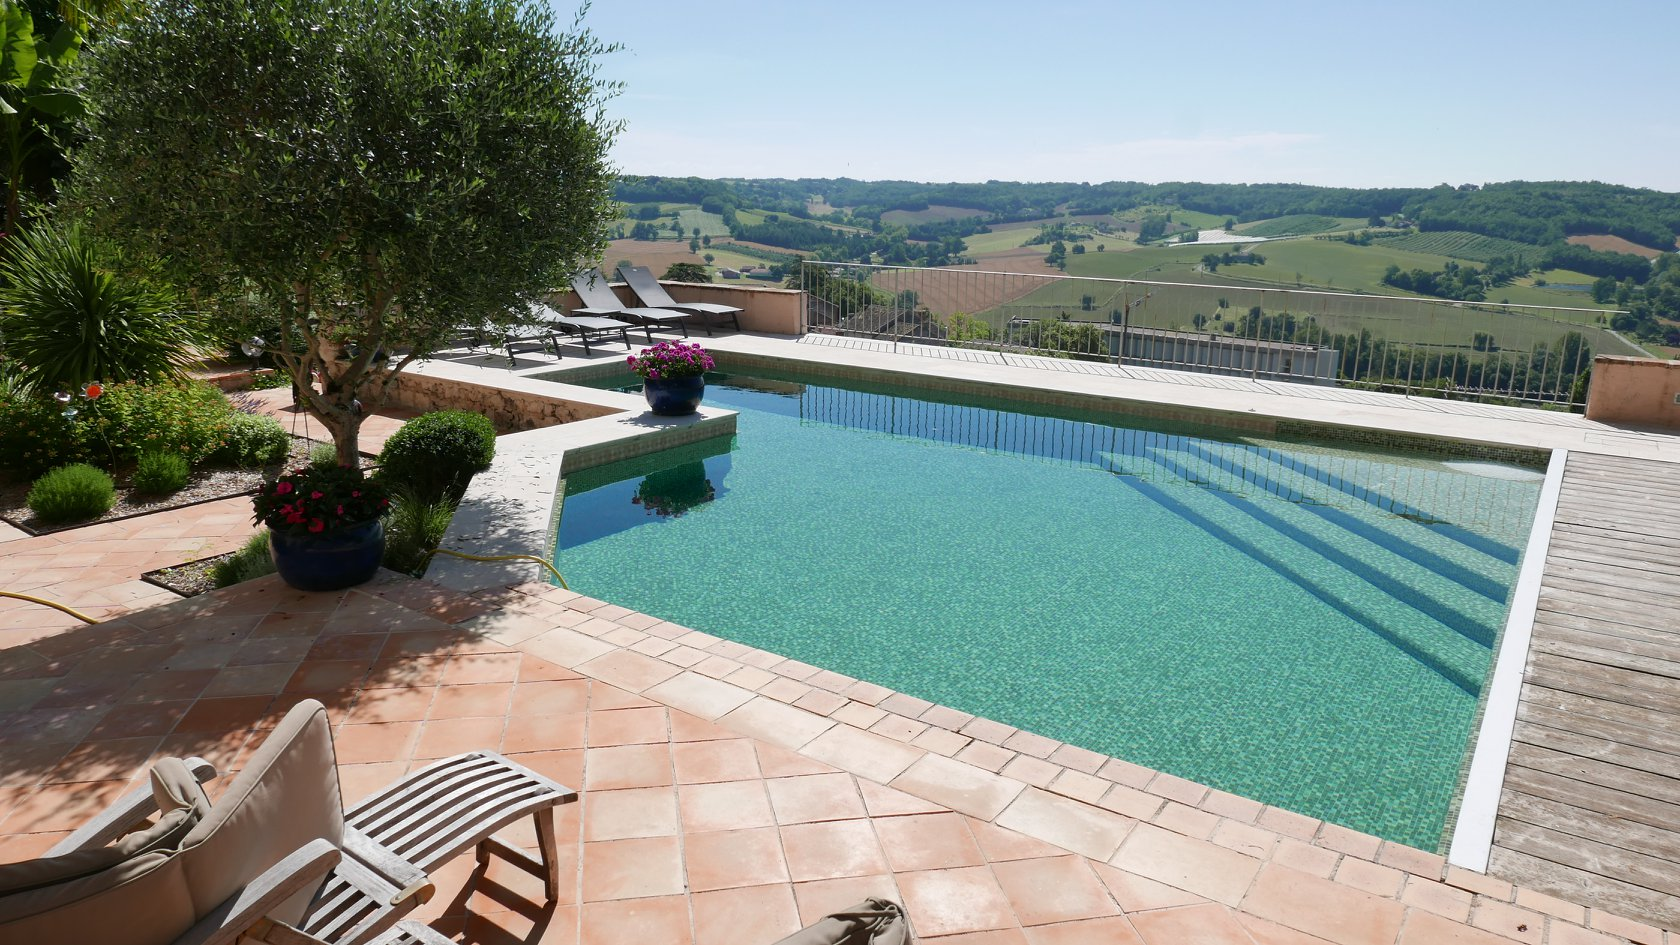 Mettre Piscine Sur Terrain En Pente quel est le meilleur emplacement pour construire sa piscine